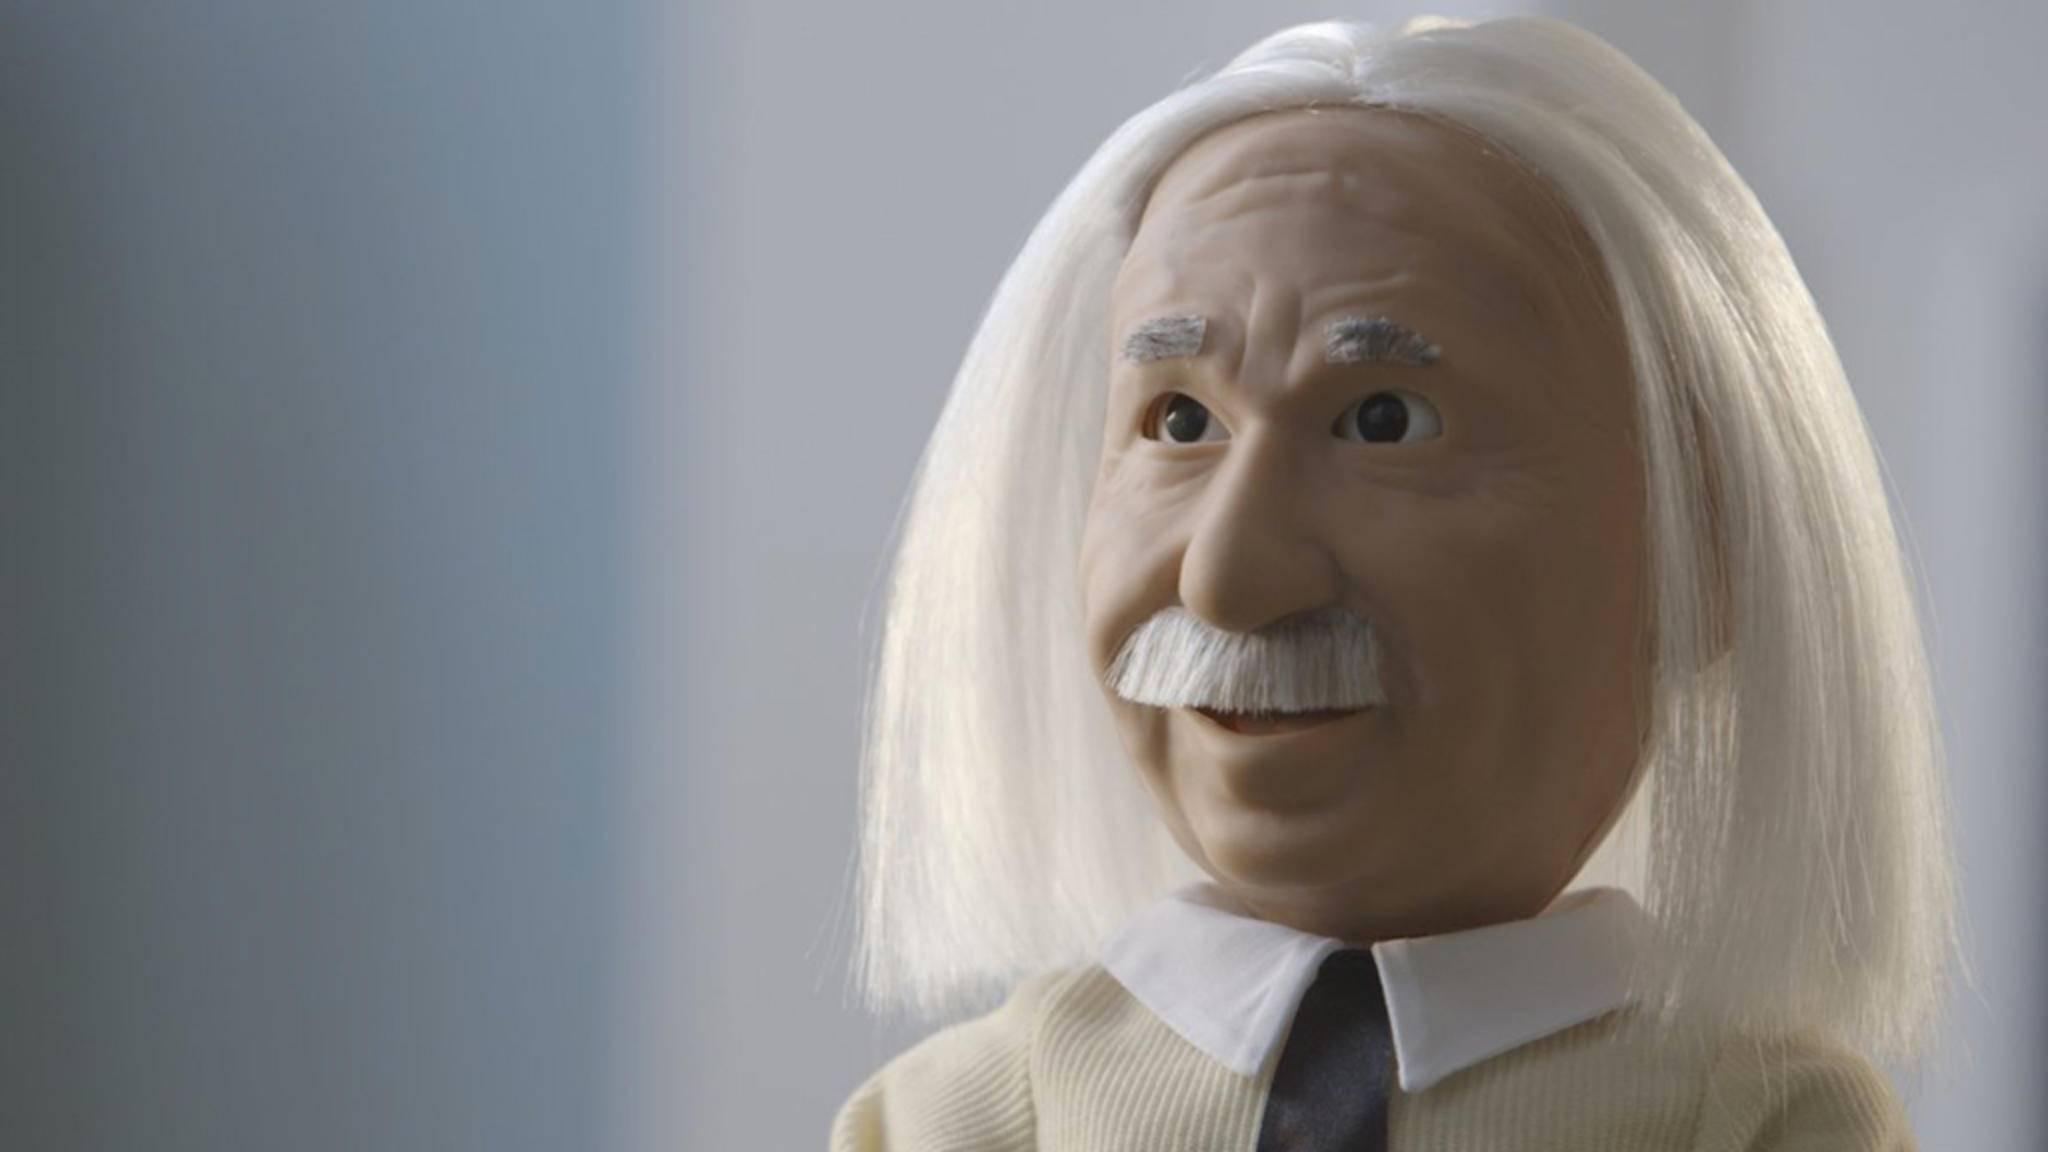 Der Lernroboter Professor Einstein eifert seinem Vorbild nach.